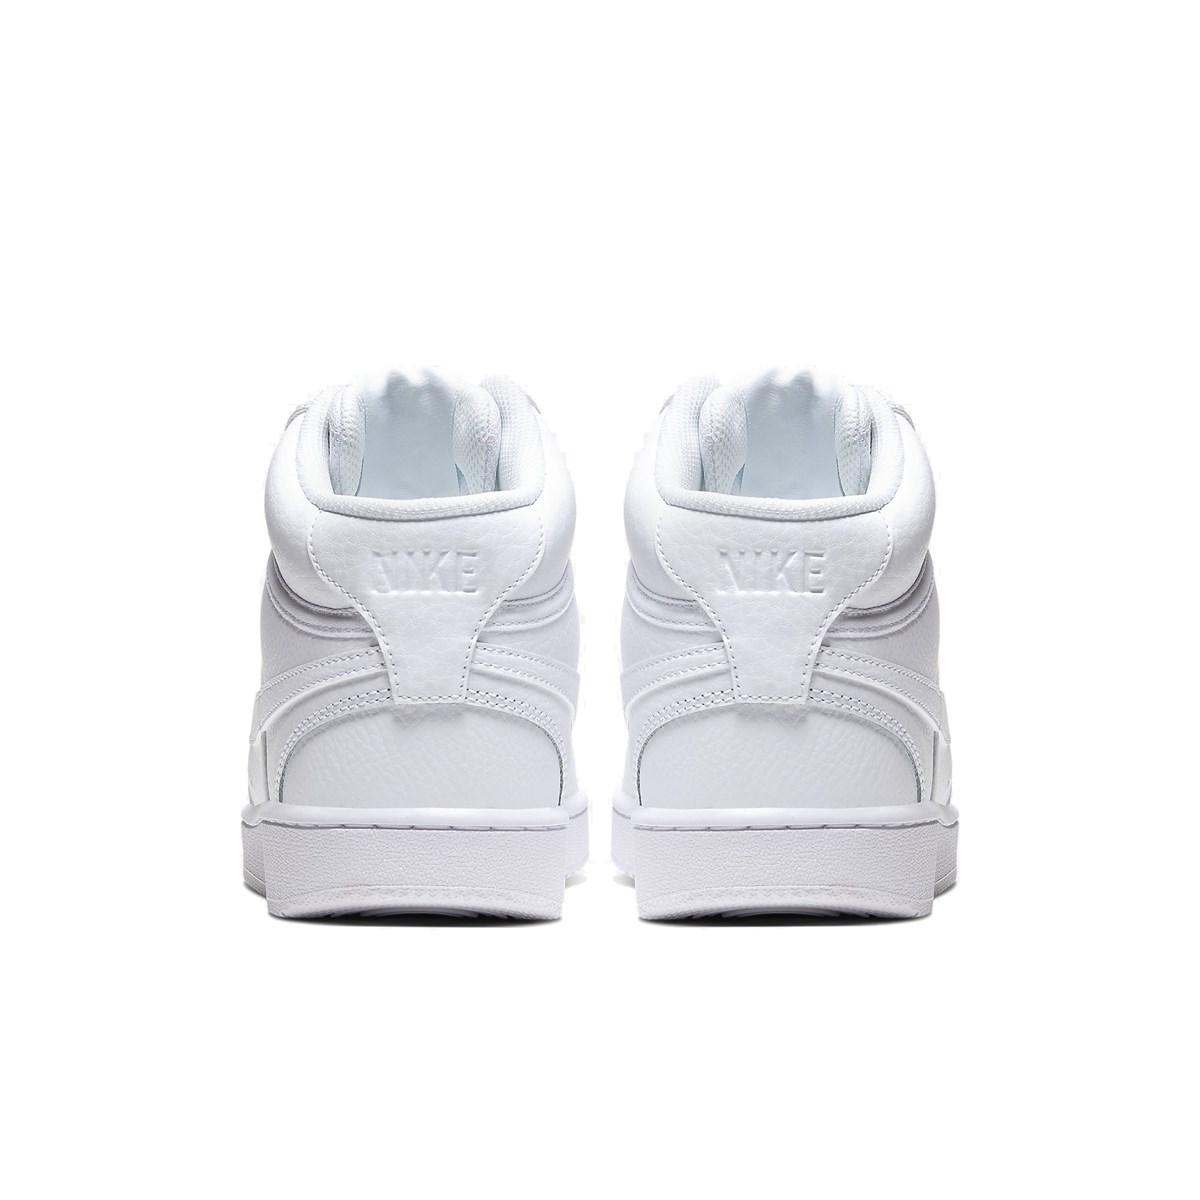 Court Vision Mid Erkek Beyaz Spor Ayakkabı